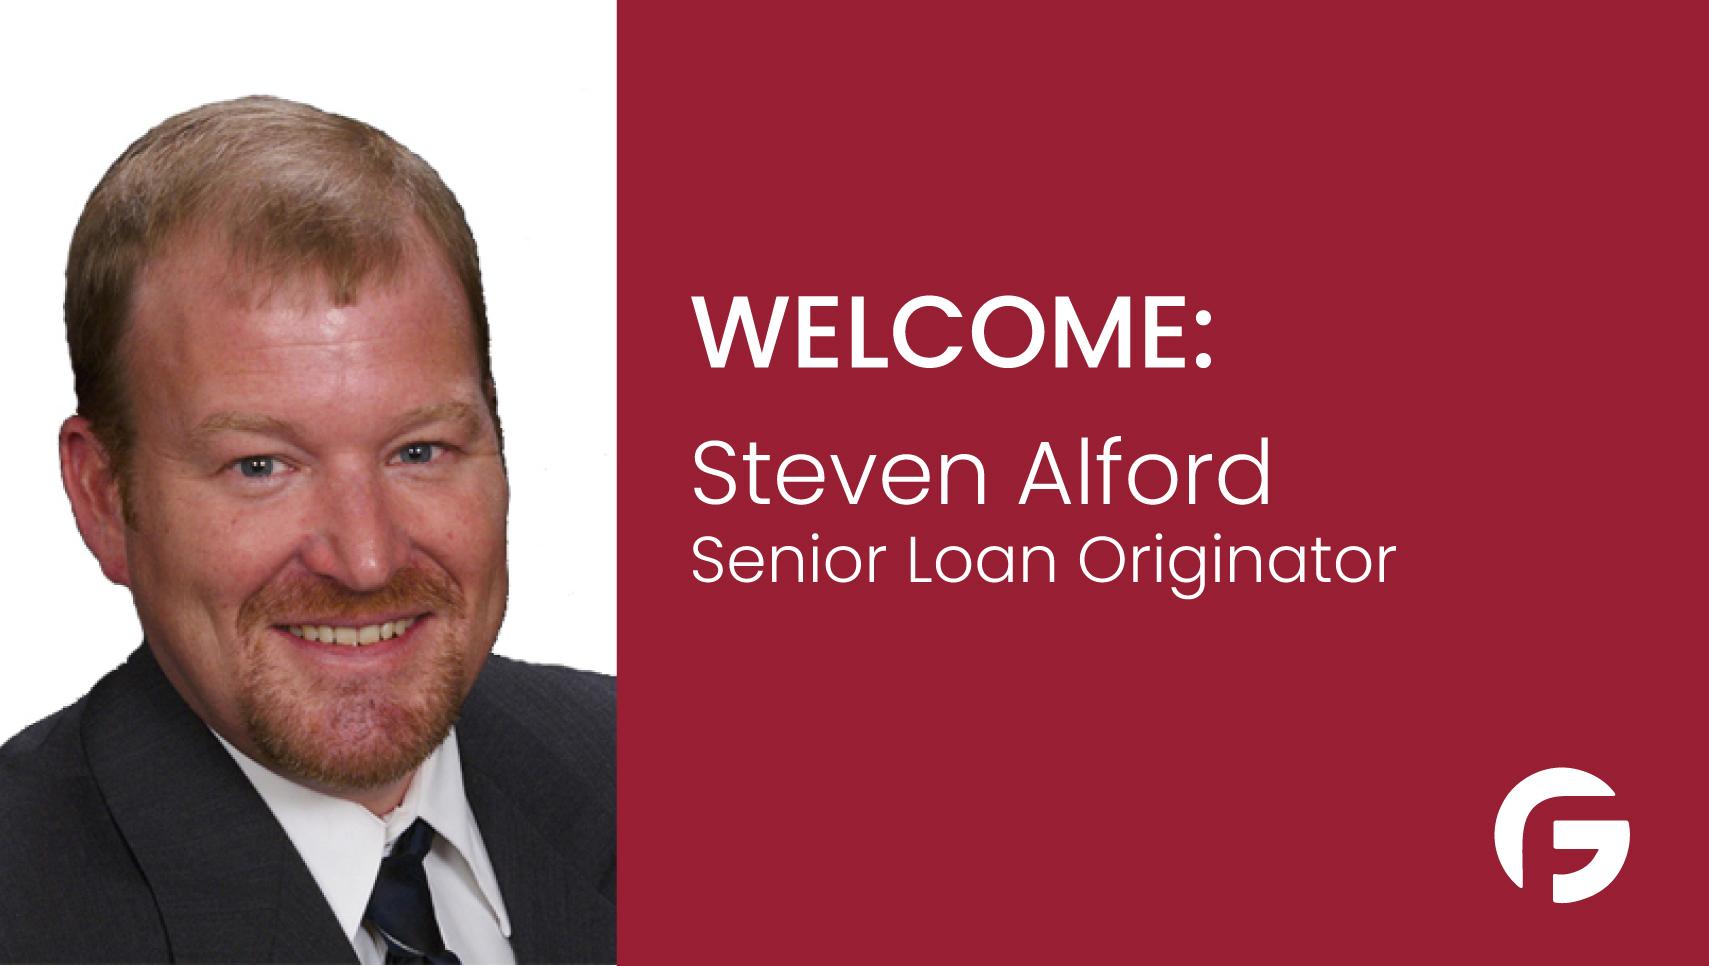 Steven Alford, Senior Loan Officer serving Texas